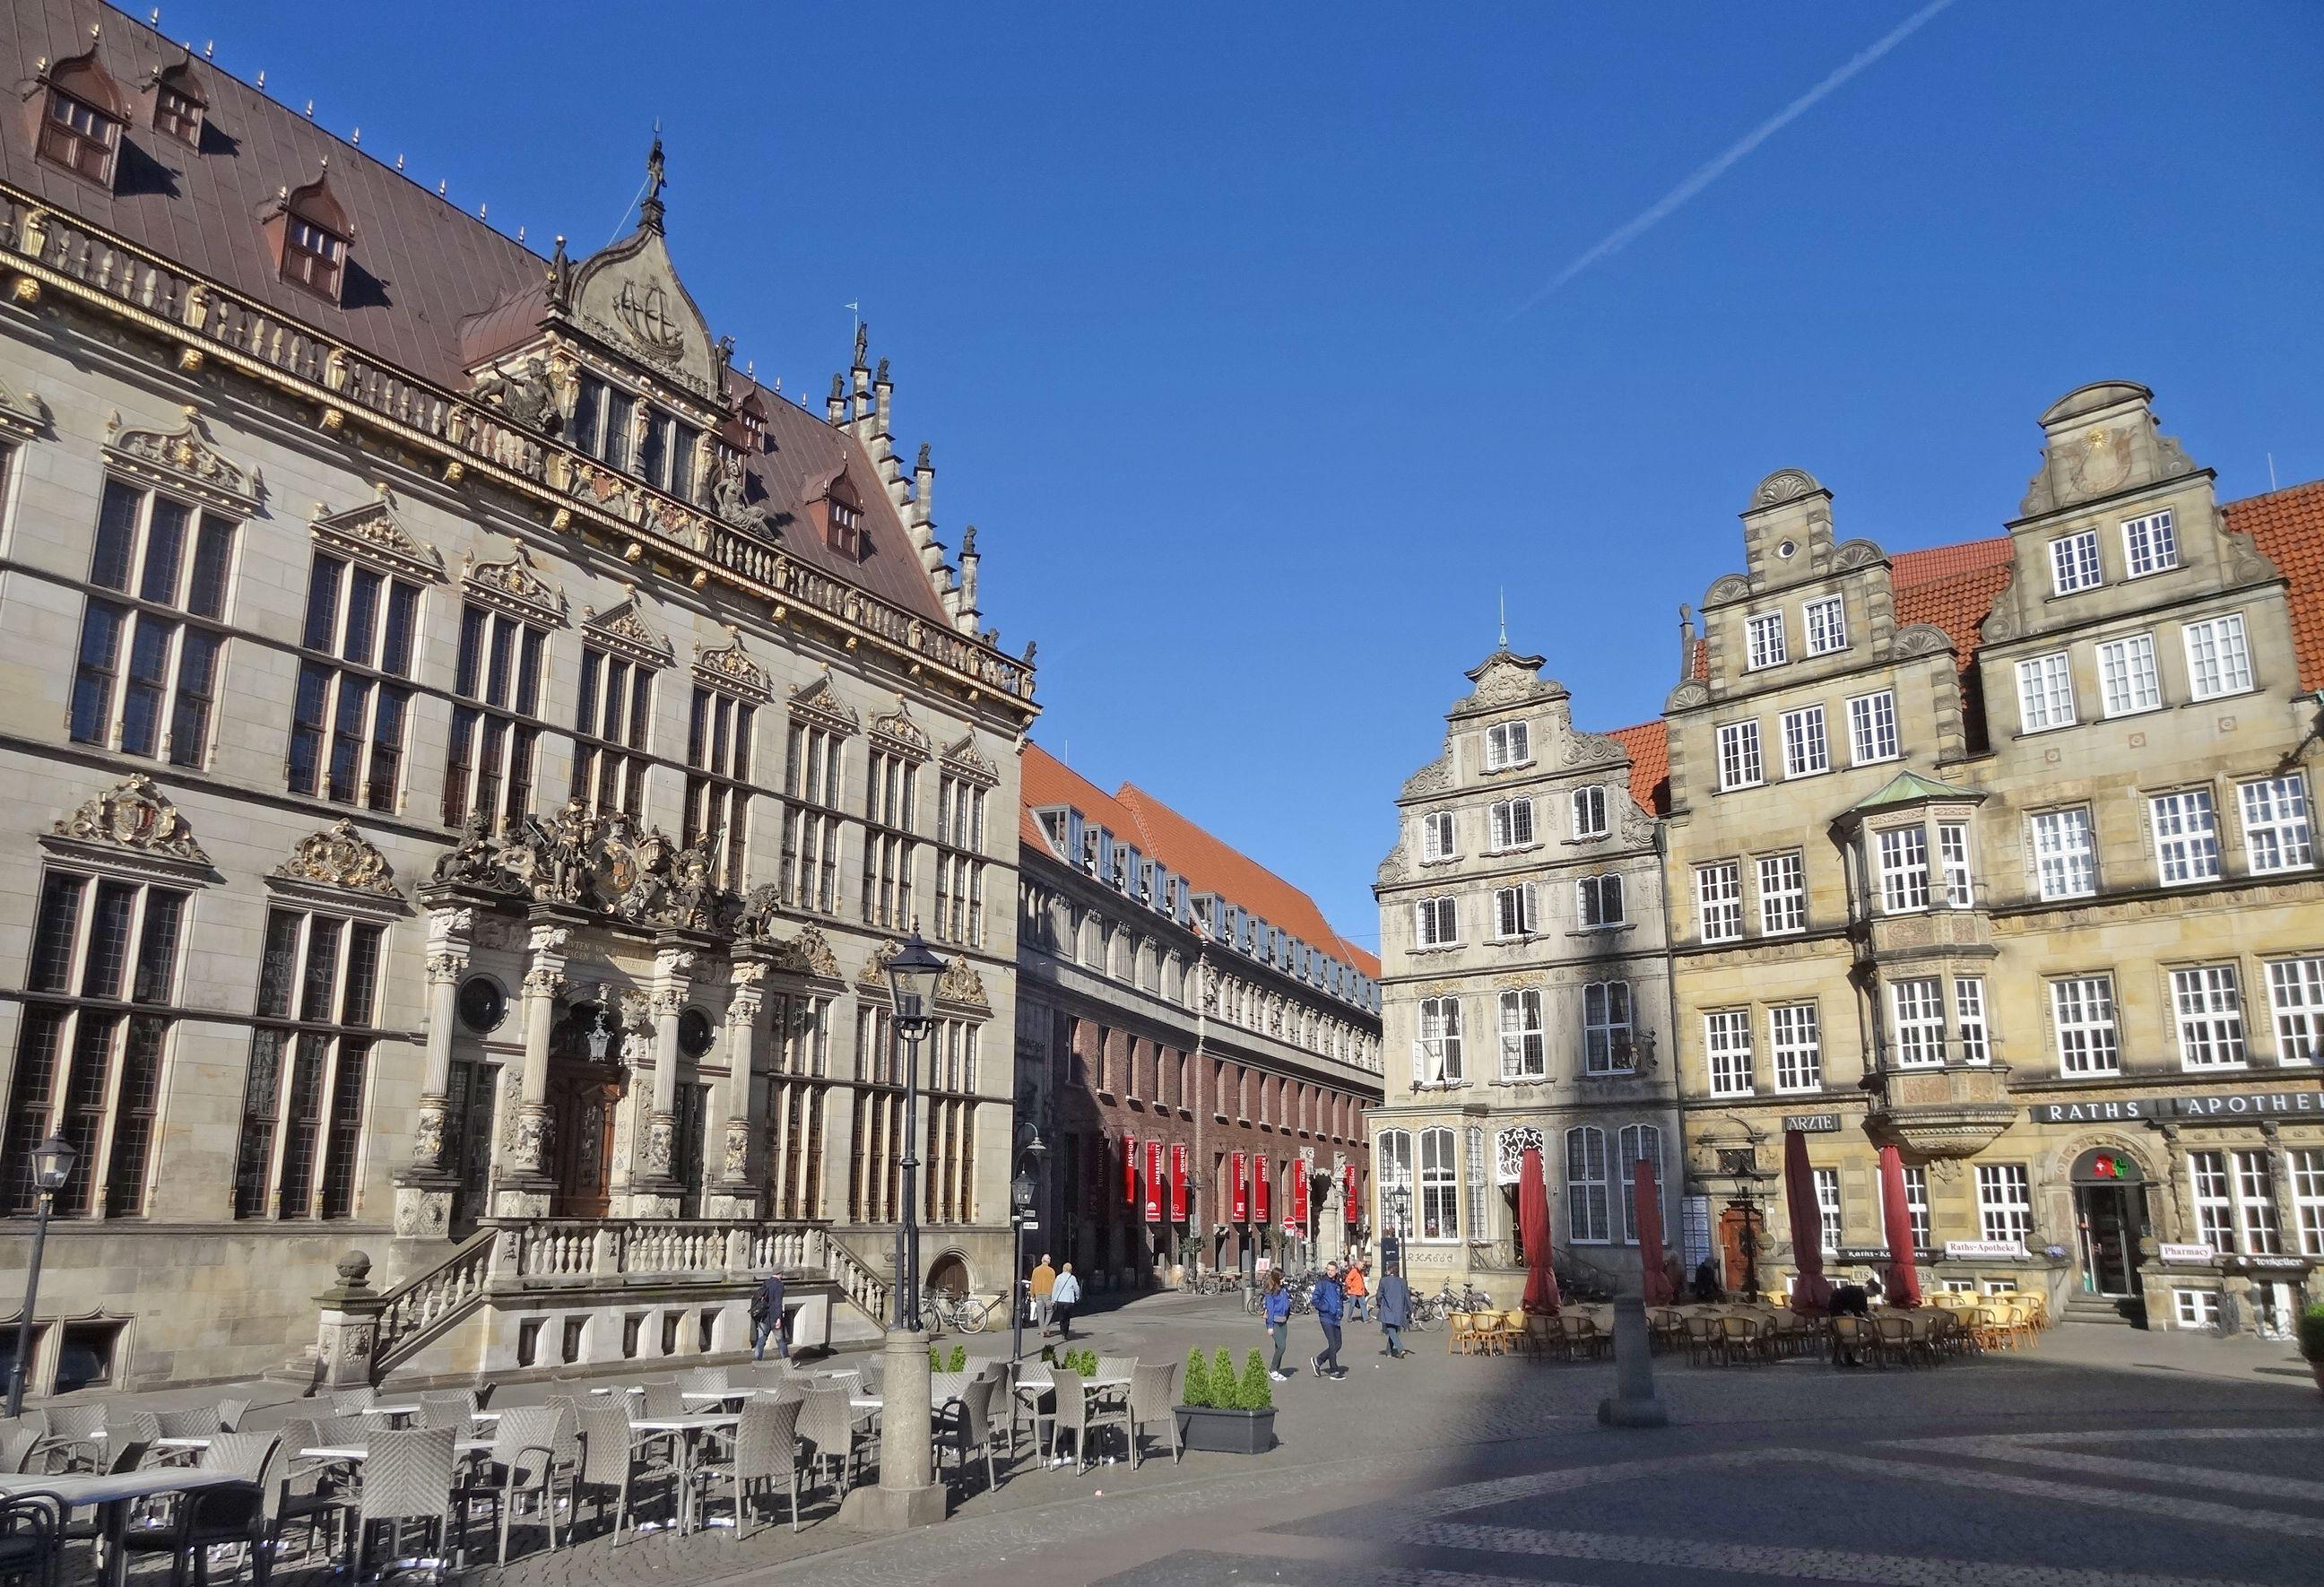 Service Mittendrin Tourist Information In Historischer Umgebung Im Kontorhaus Zwischen Schutting Und Sparkasse Am Bremer Marktplatz